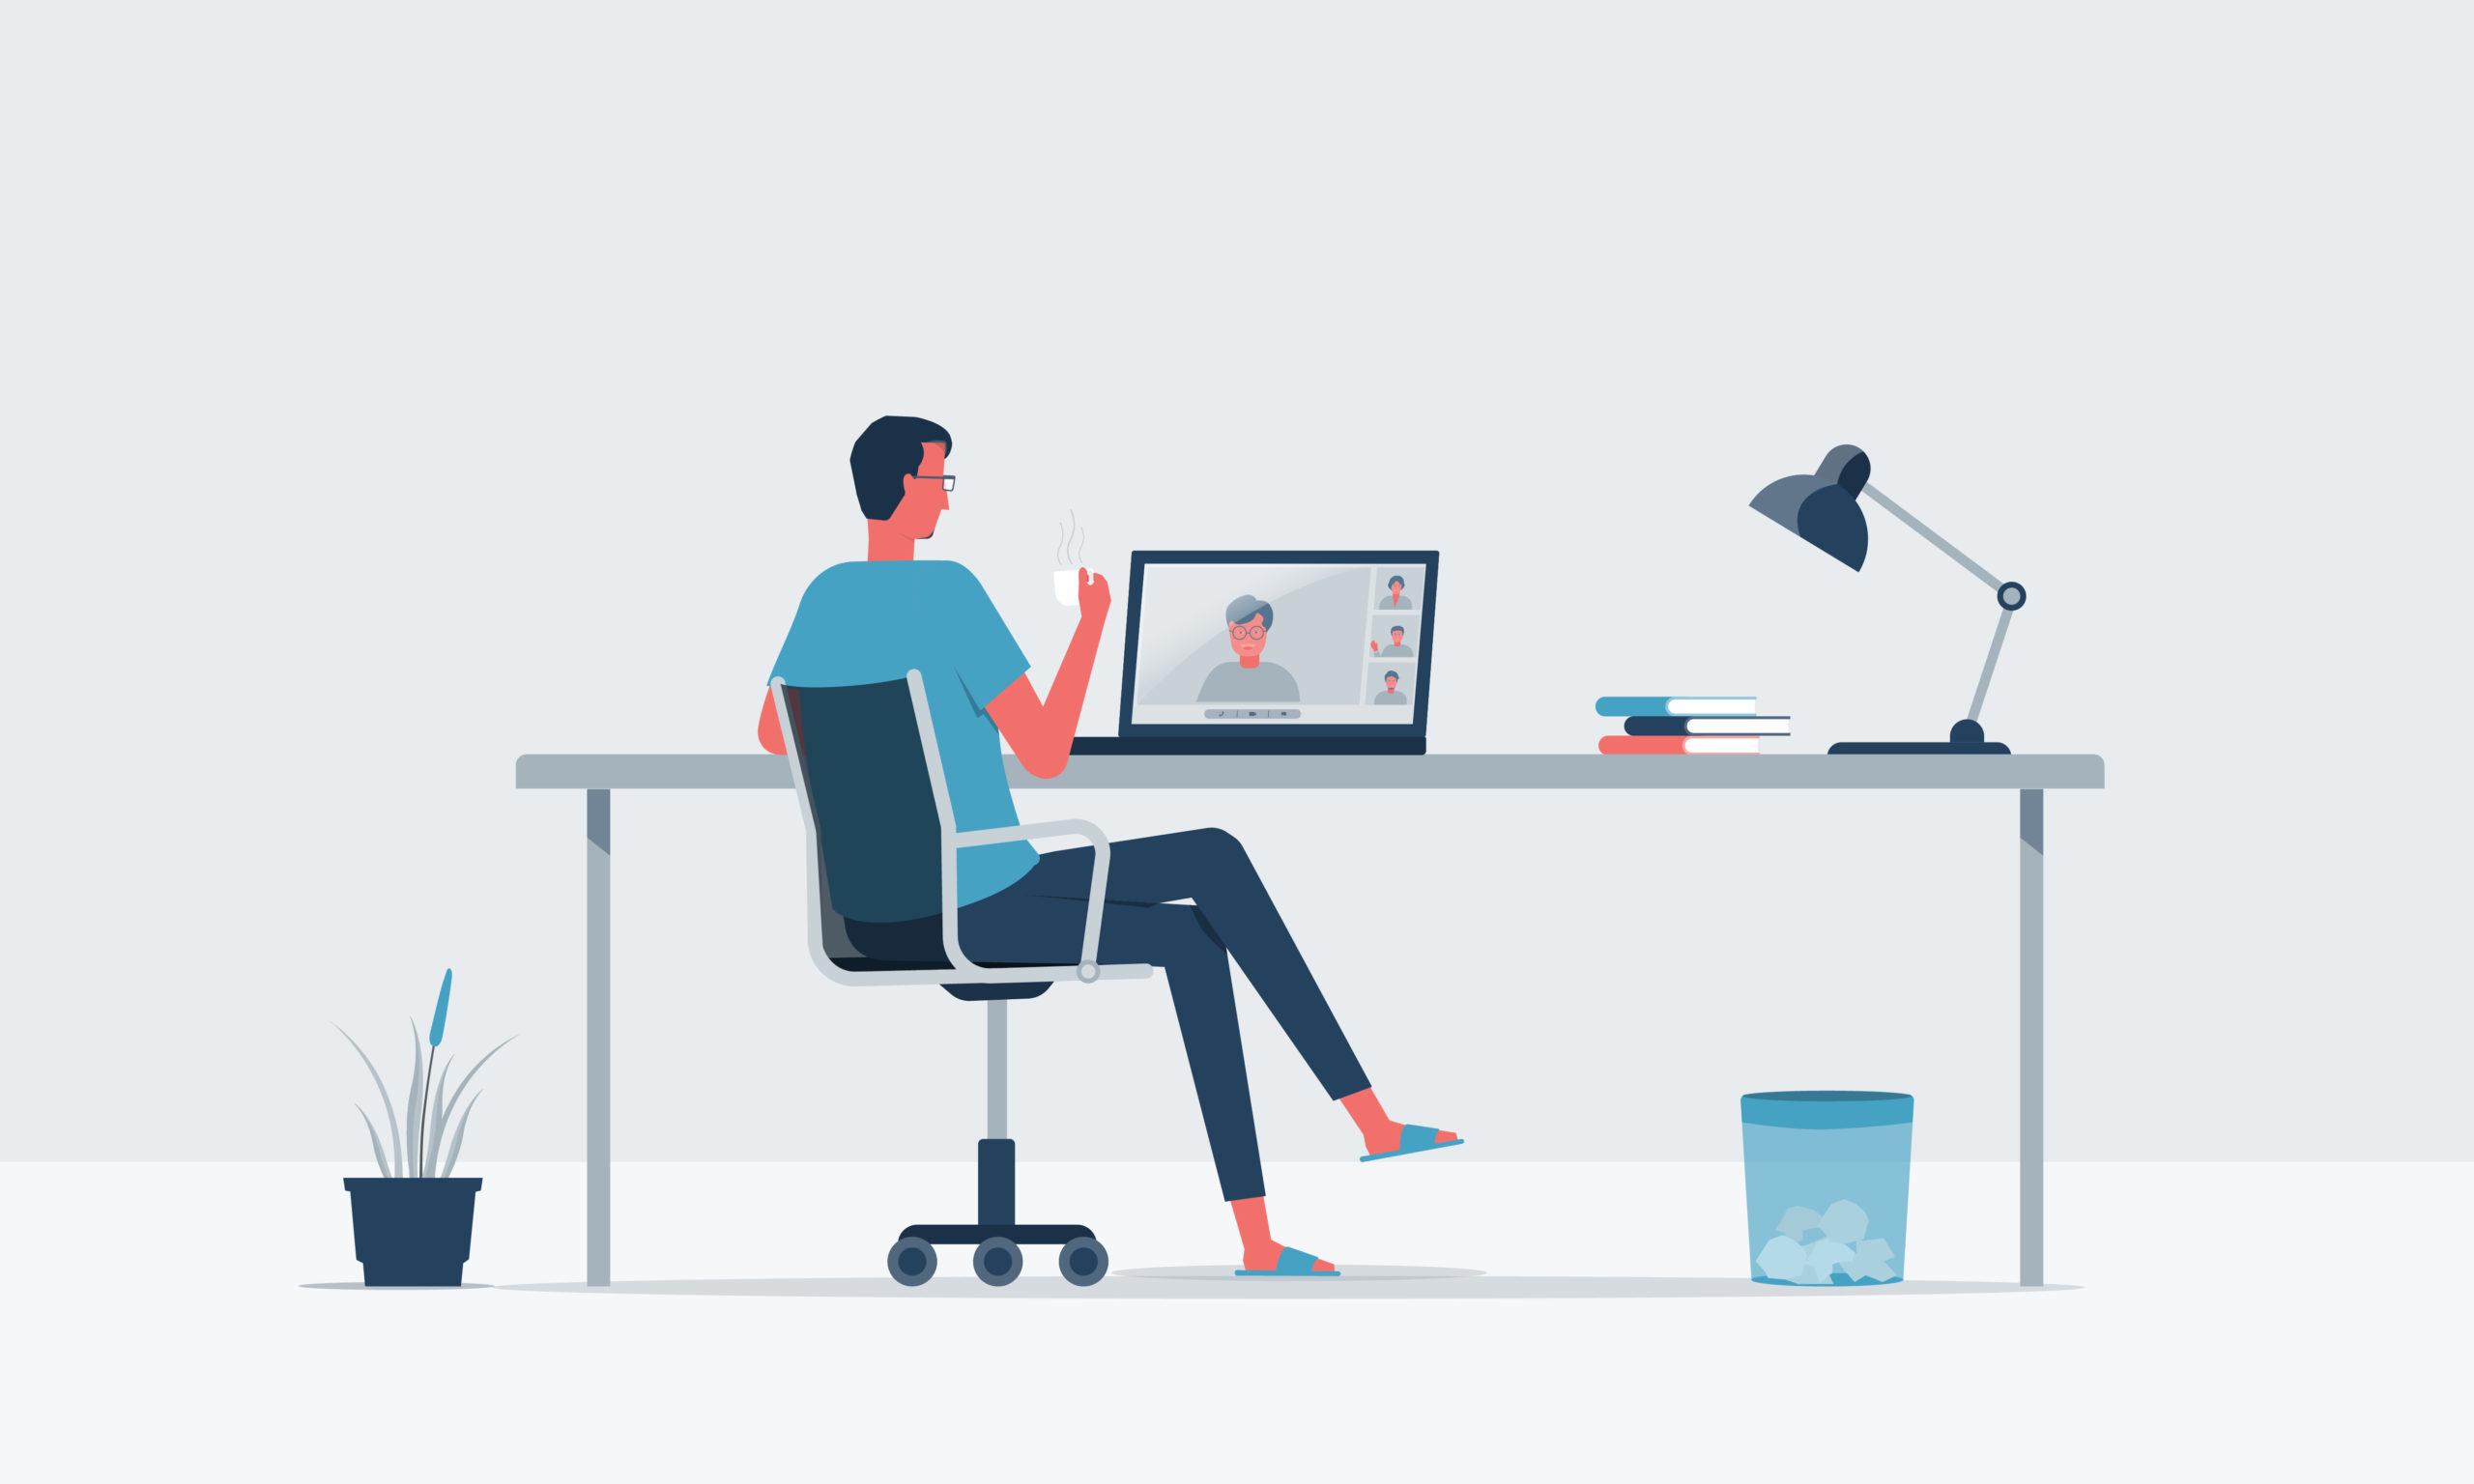 ブログ記事を早く書く方法コツ7選【結論:早く書く必要はありません】